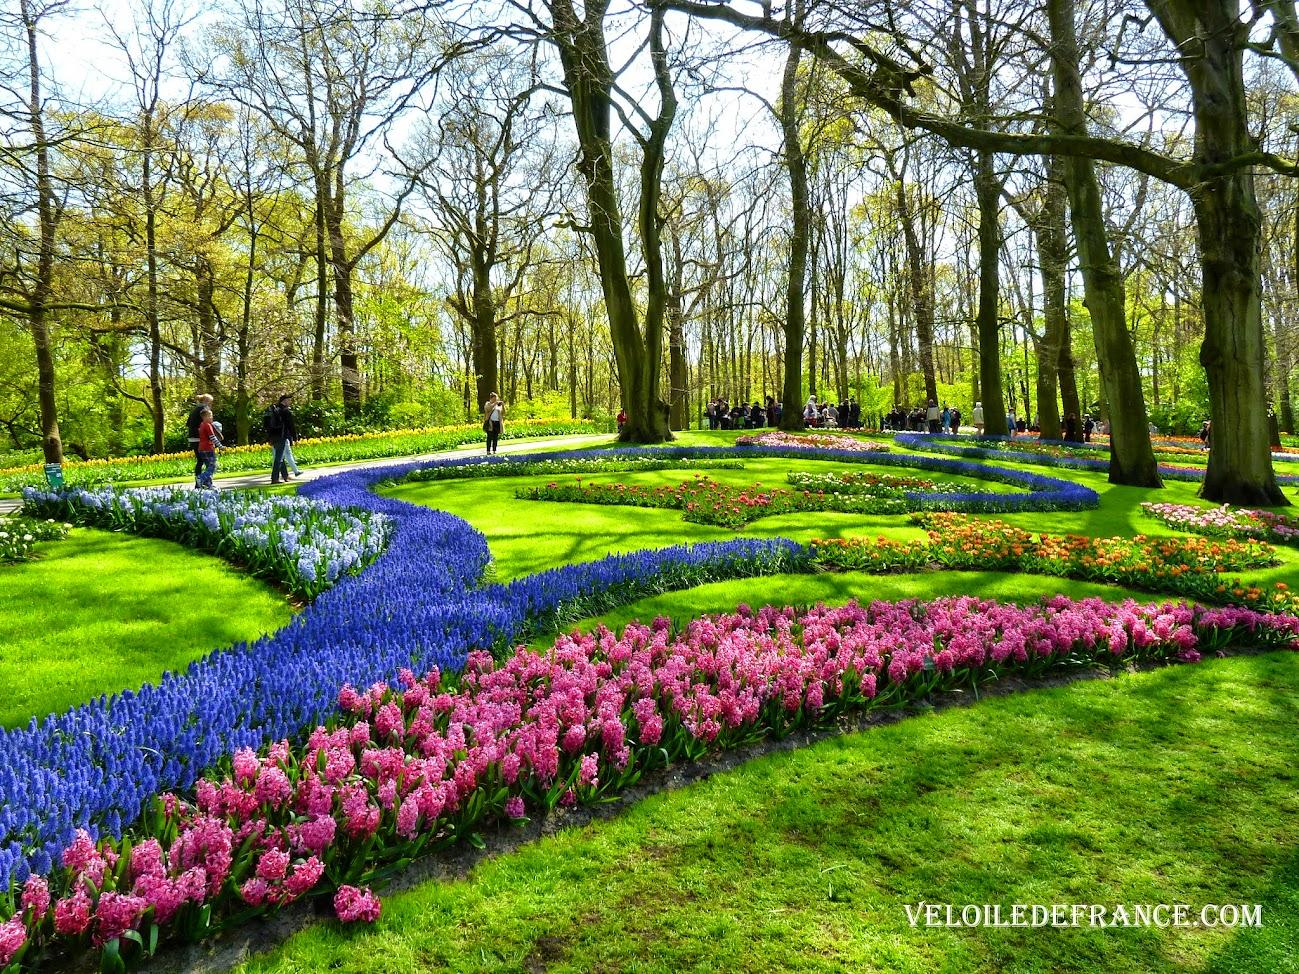 Le Parc de Keukenhof - Circuit à vélo aux Pays-Bas de Leiden (Leyde) au parc de Keukenhof par veloiledefrance.com